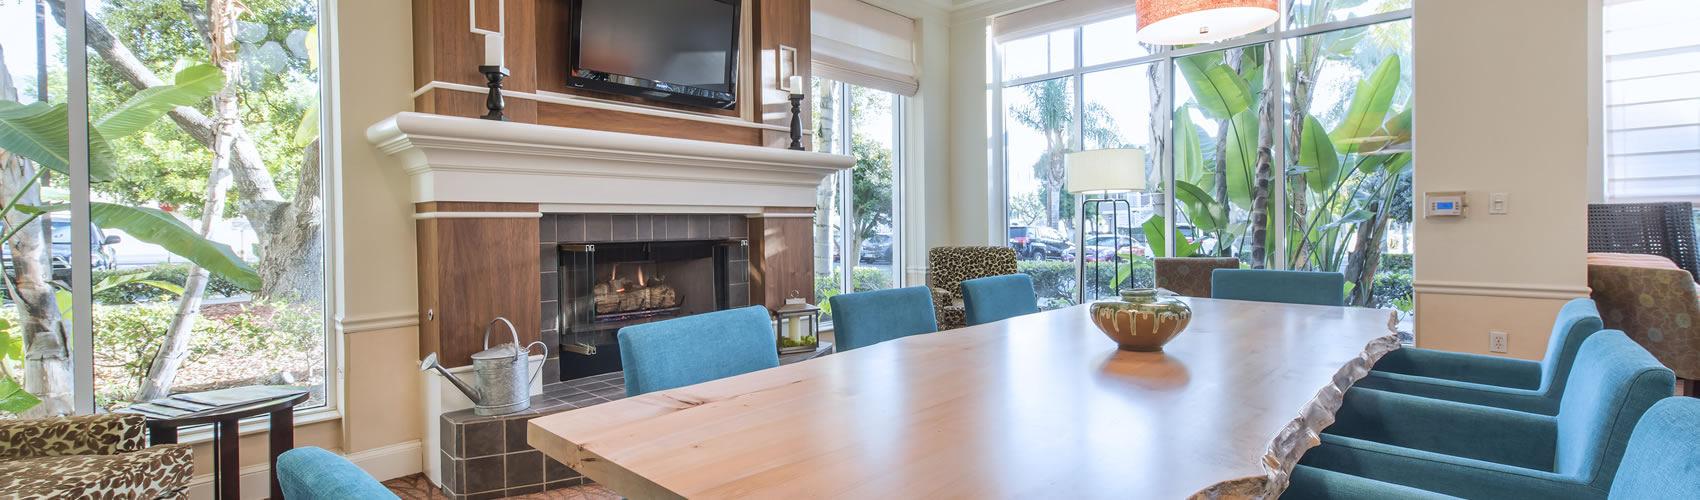 Hilton Garden Inn Arcadia / Pasadena Area